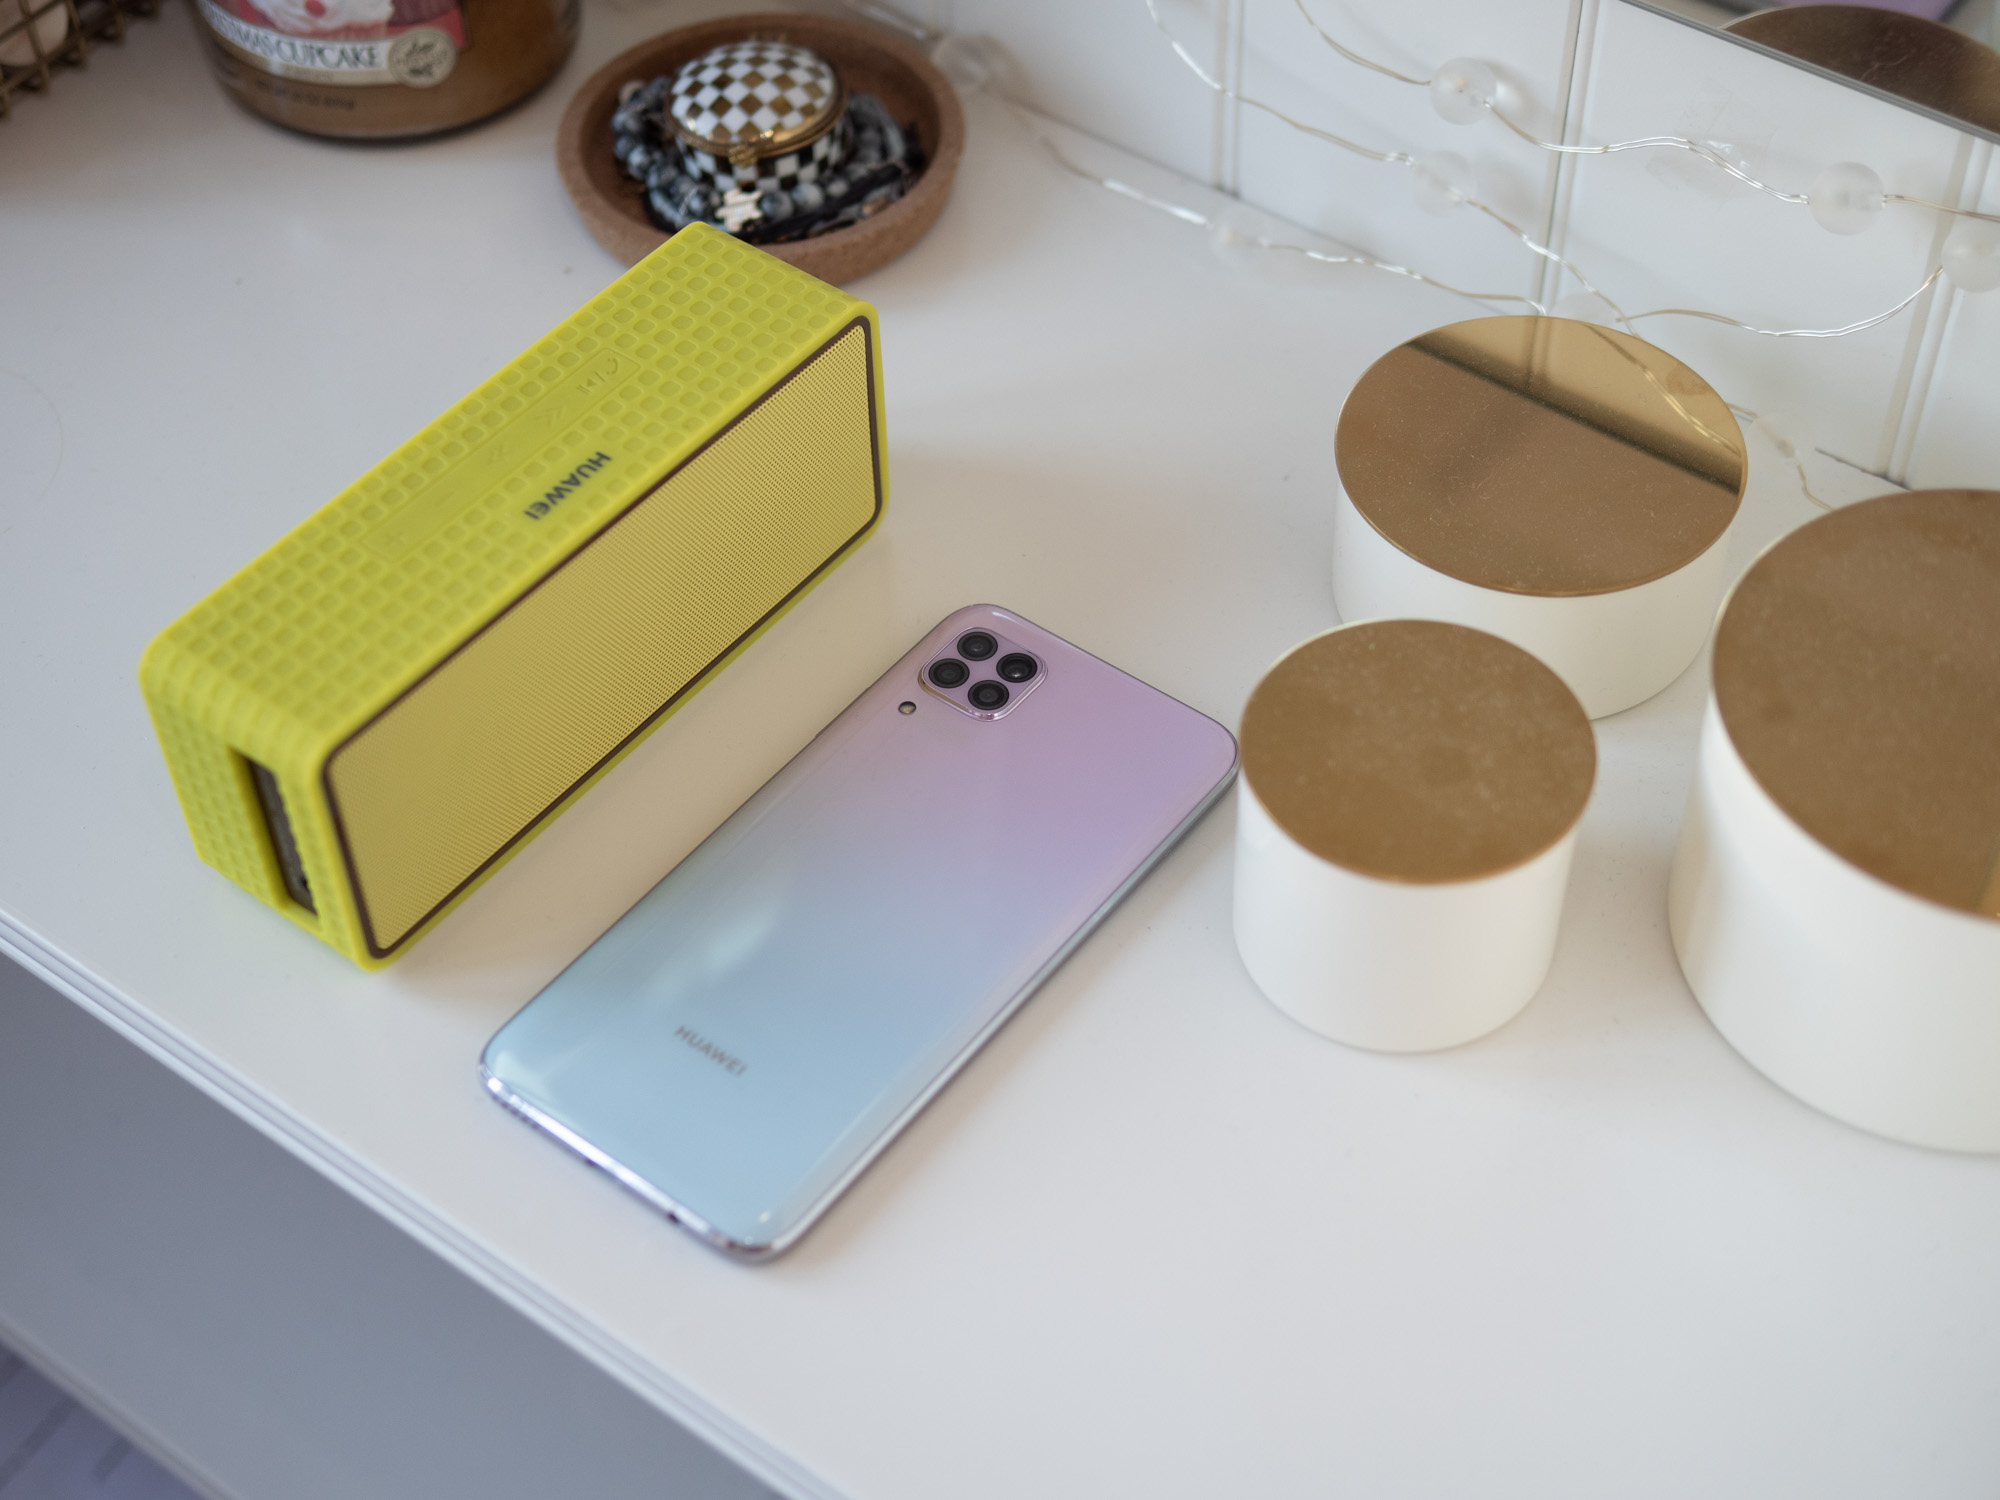 Huaweia P40 Lite